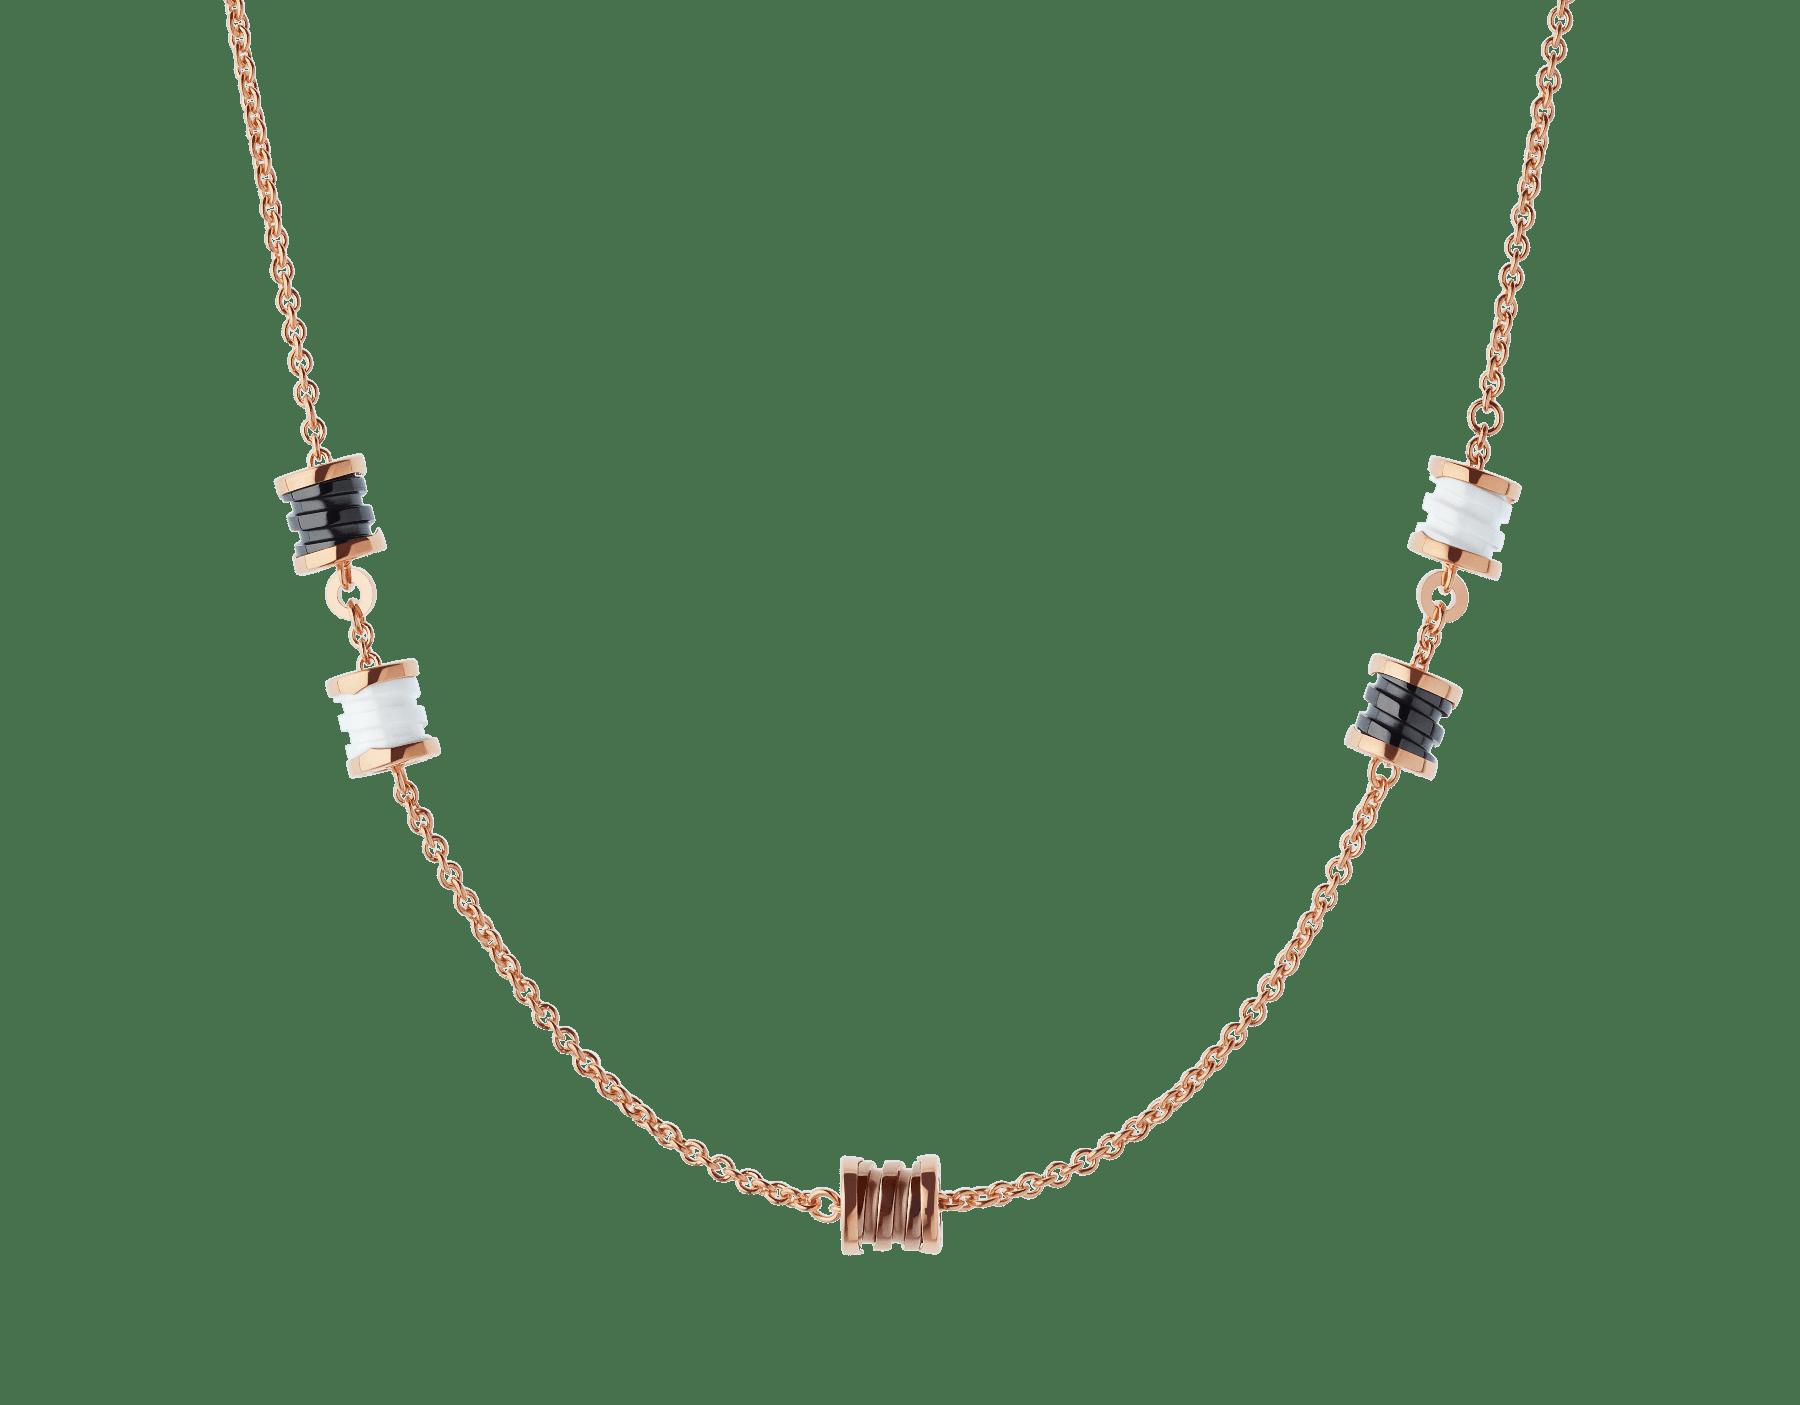 B.zero1 18 kt rose gold sautoir with spirals in 18 kt rose gold and cermet, 18 kt rose gold and white ceramic, 18 kt rose gold and black ceramic. 353002 image 1